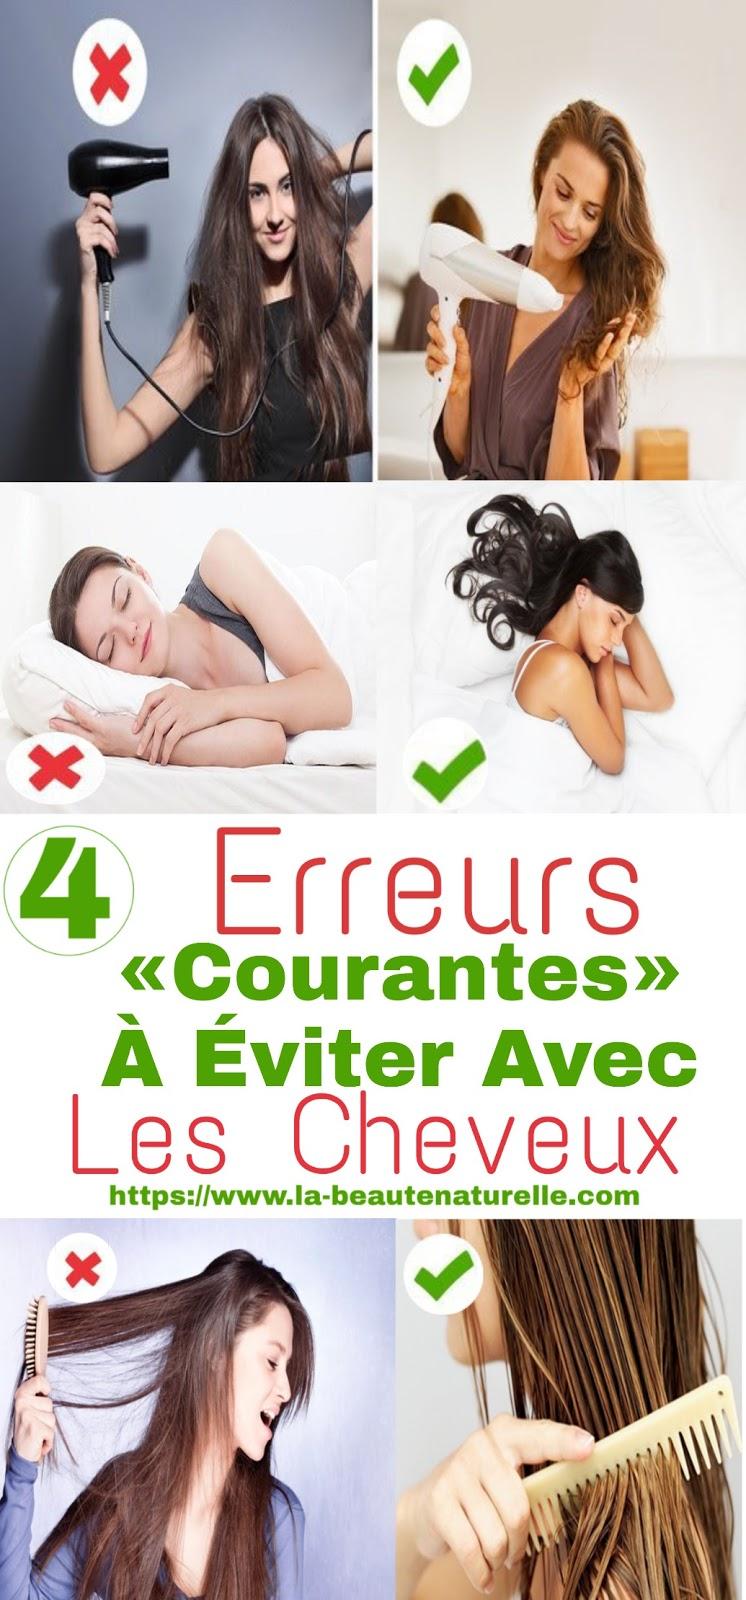 4 Erreurs «Courantes» À Éviter Avec Les Cheveux